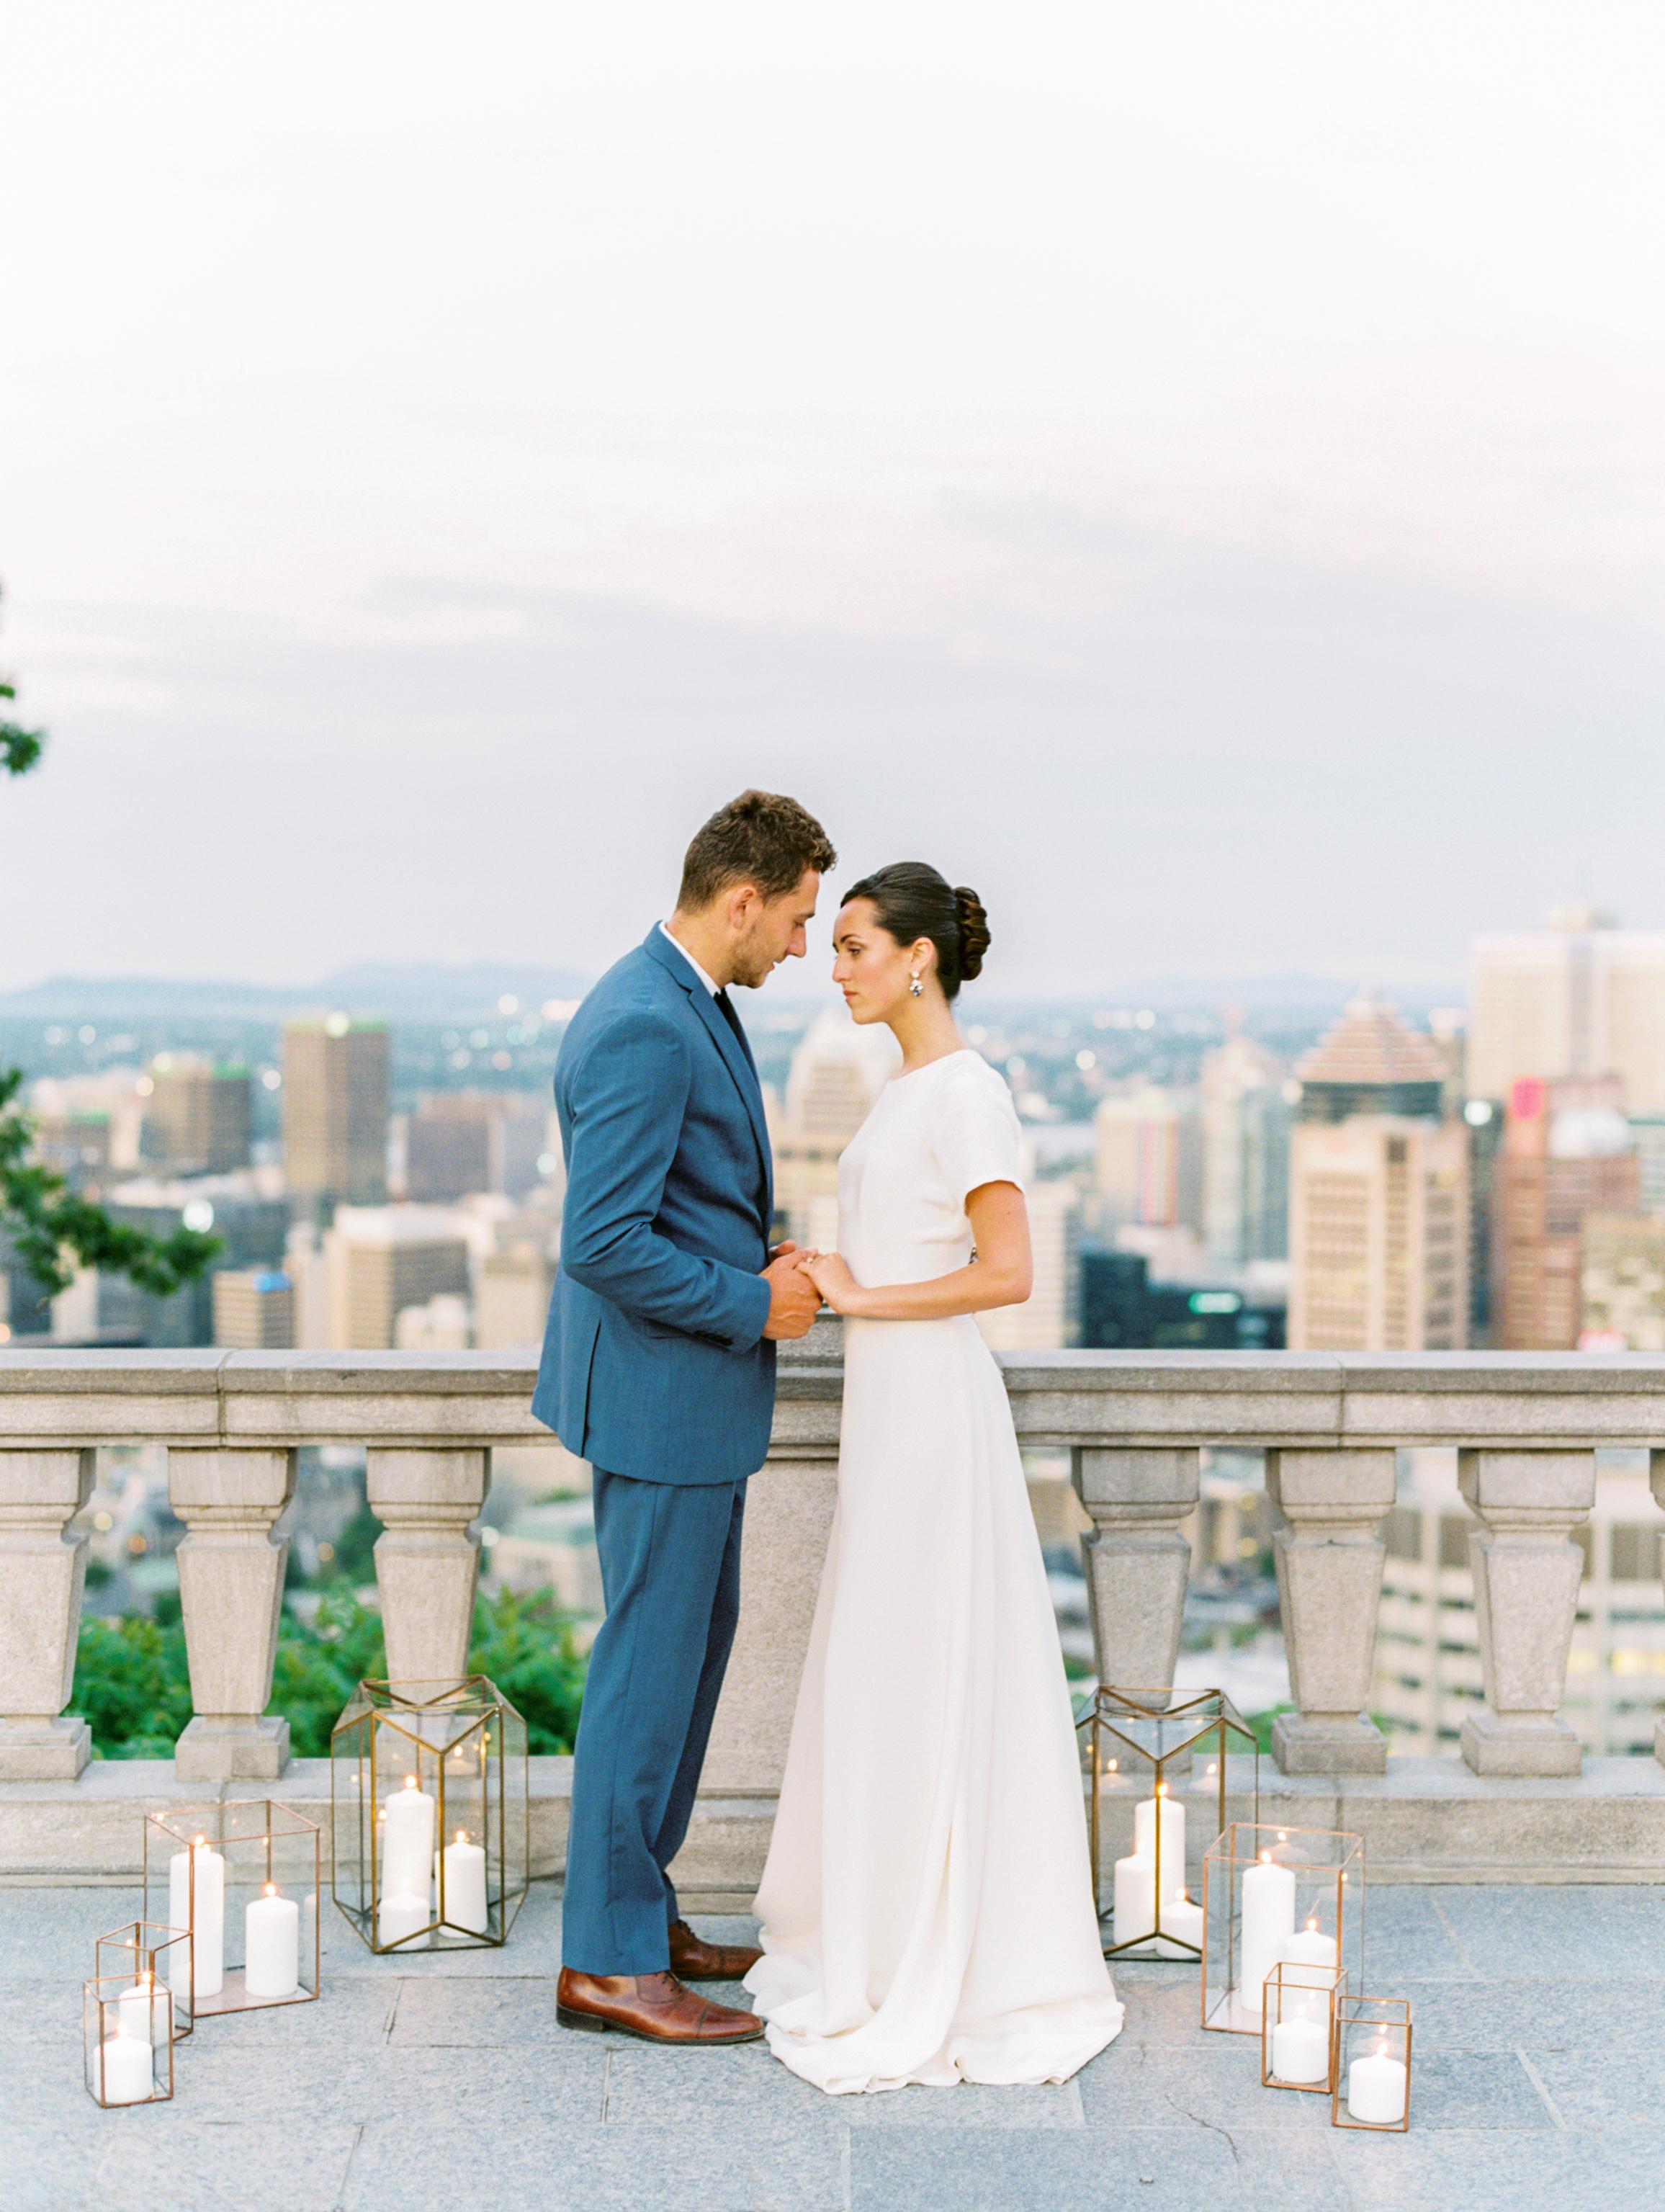 couple on balcony overlooking city